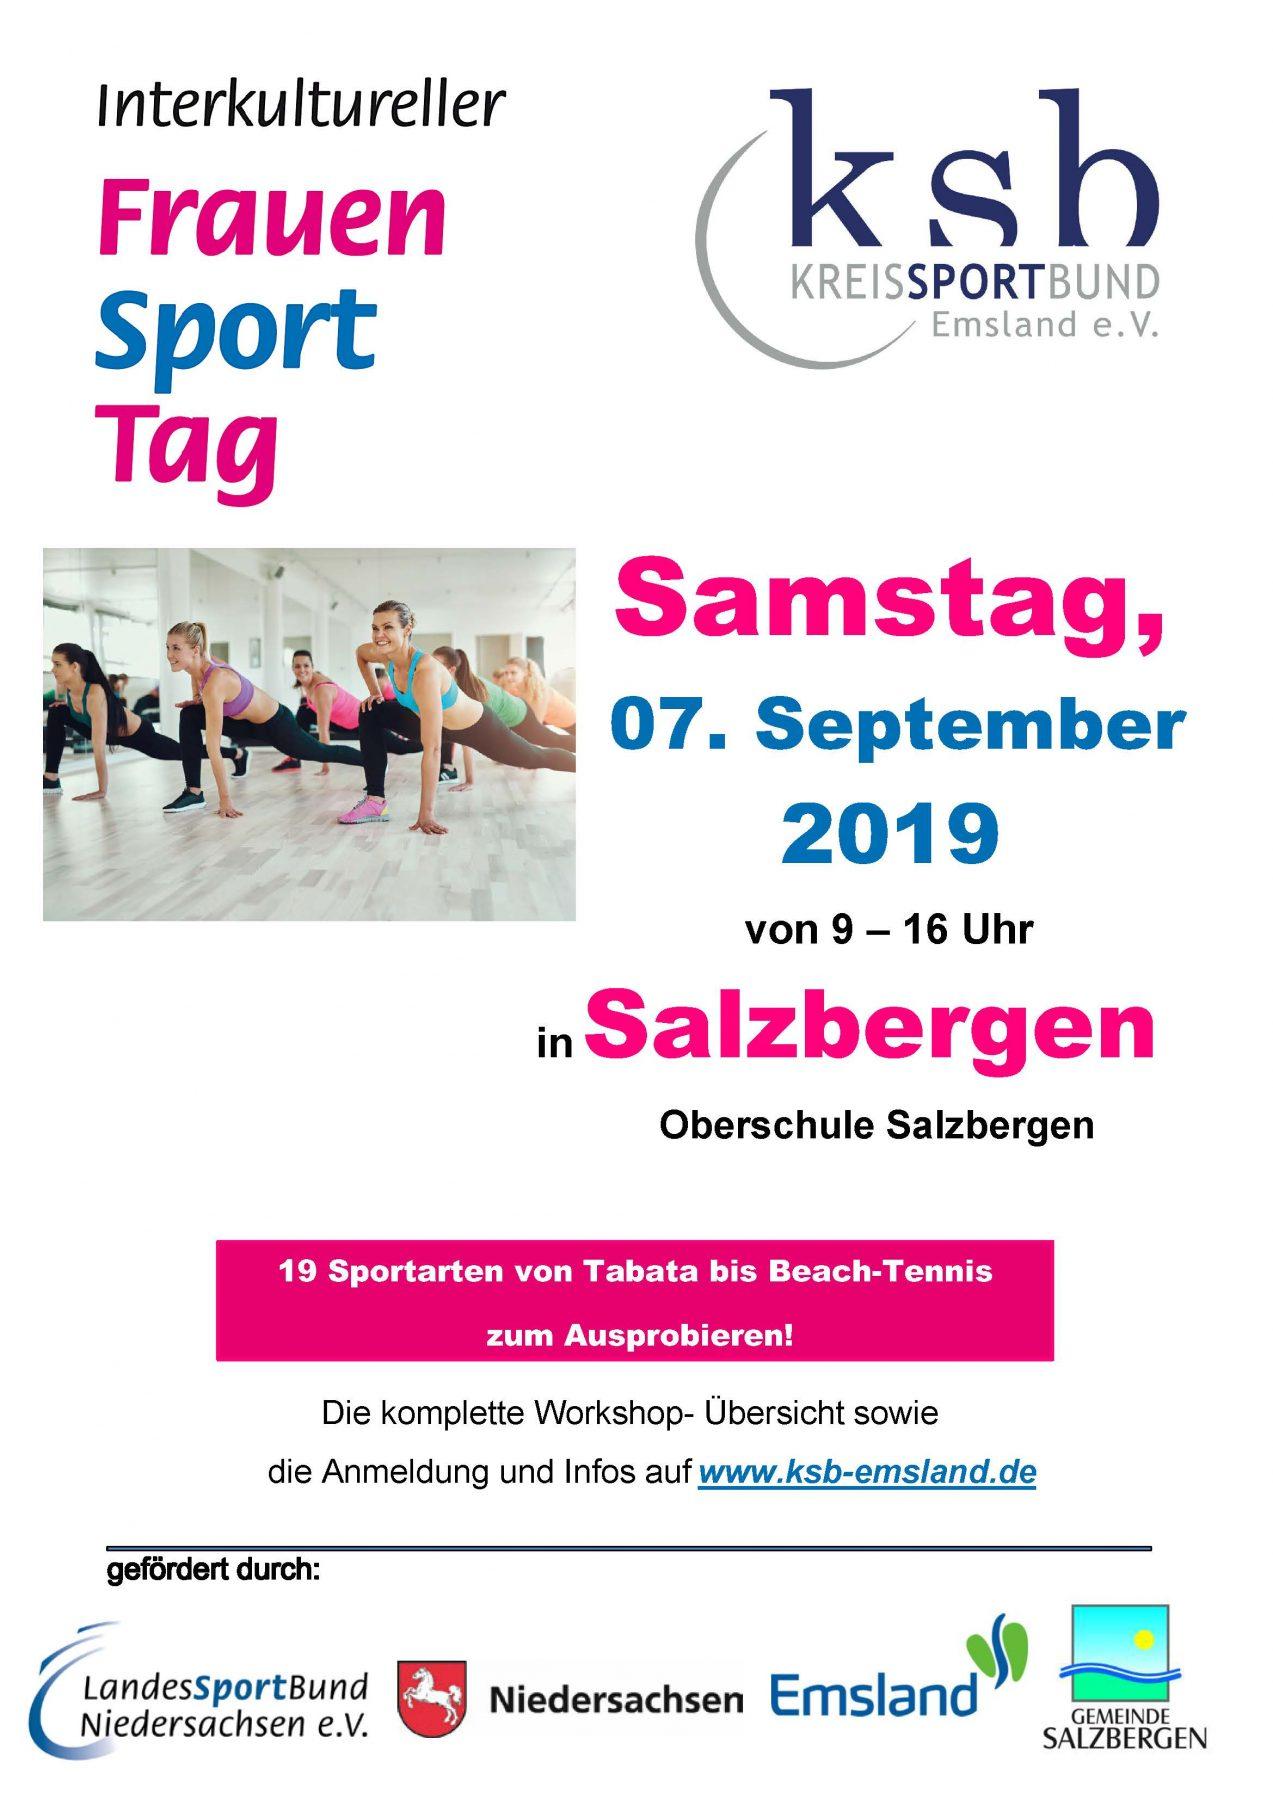 Frauensporttag am 07. September